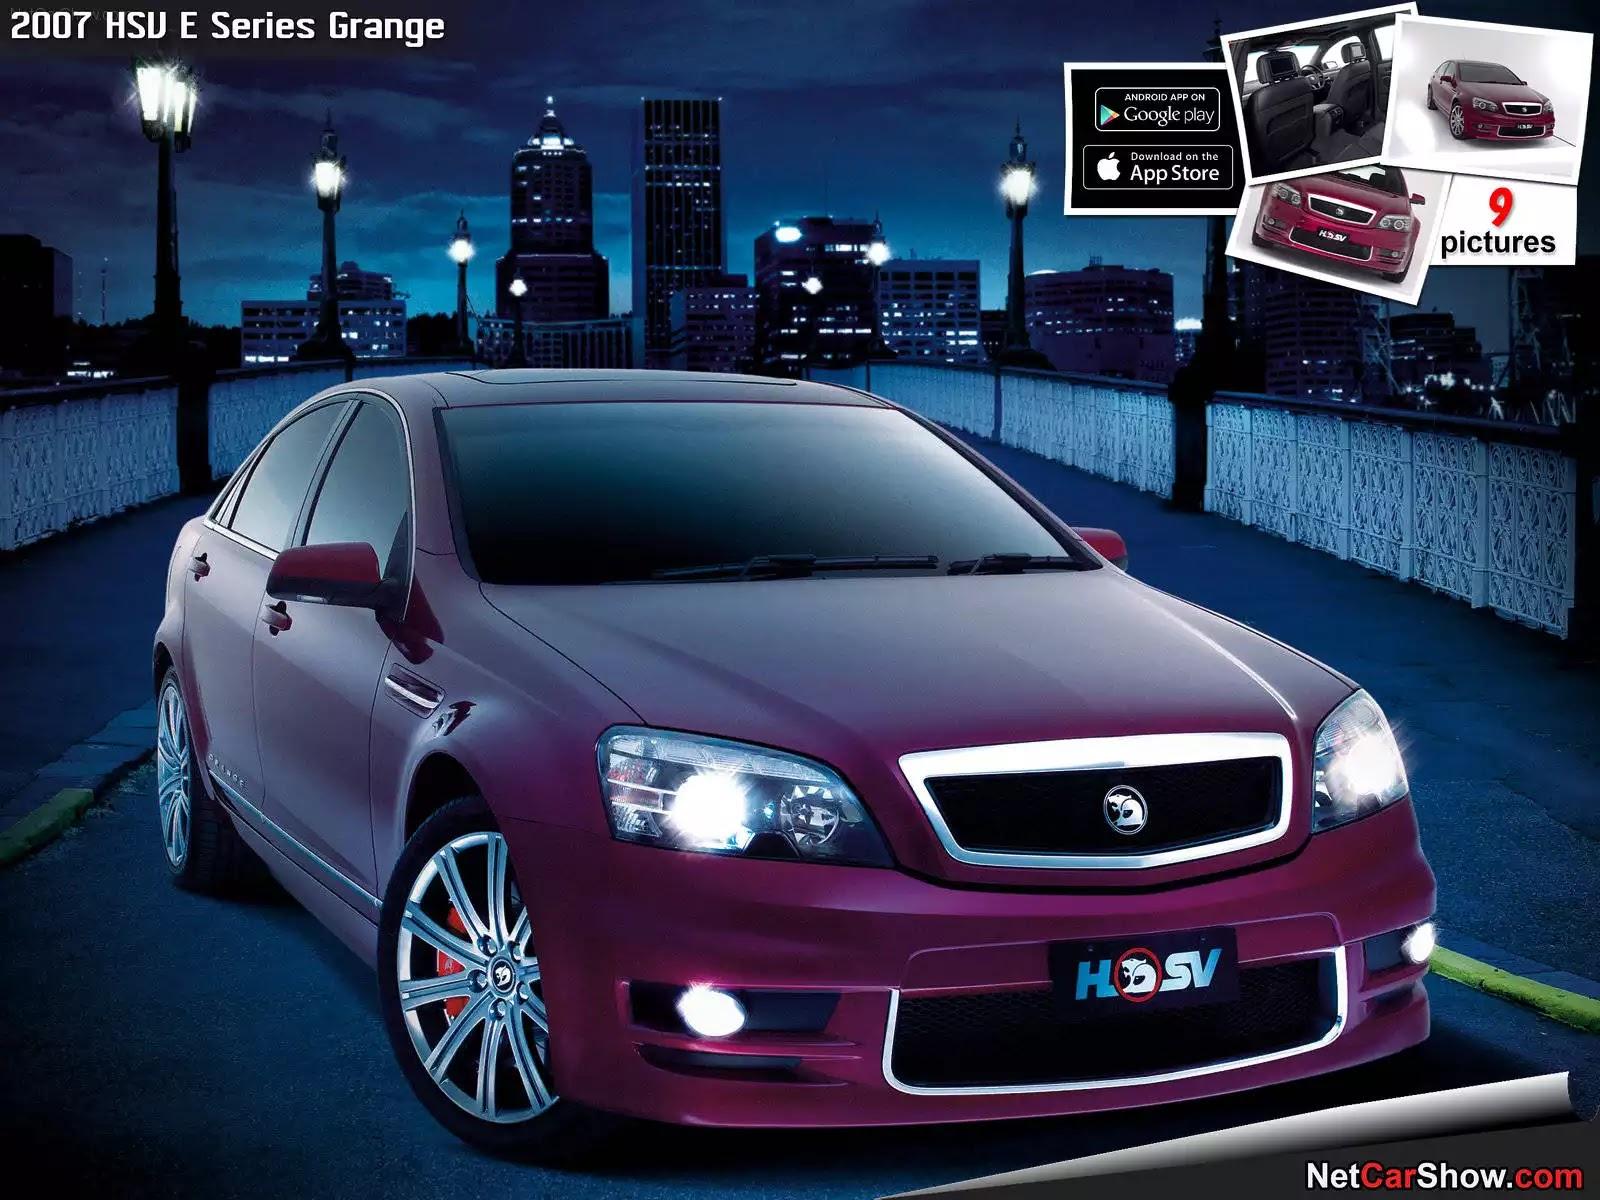 Hình ảnh xe ô tô HSV E Series Grange 2007 & nội ngoại thất